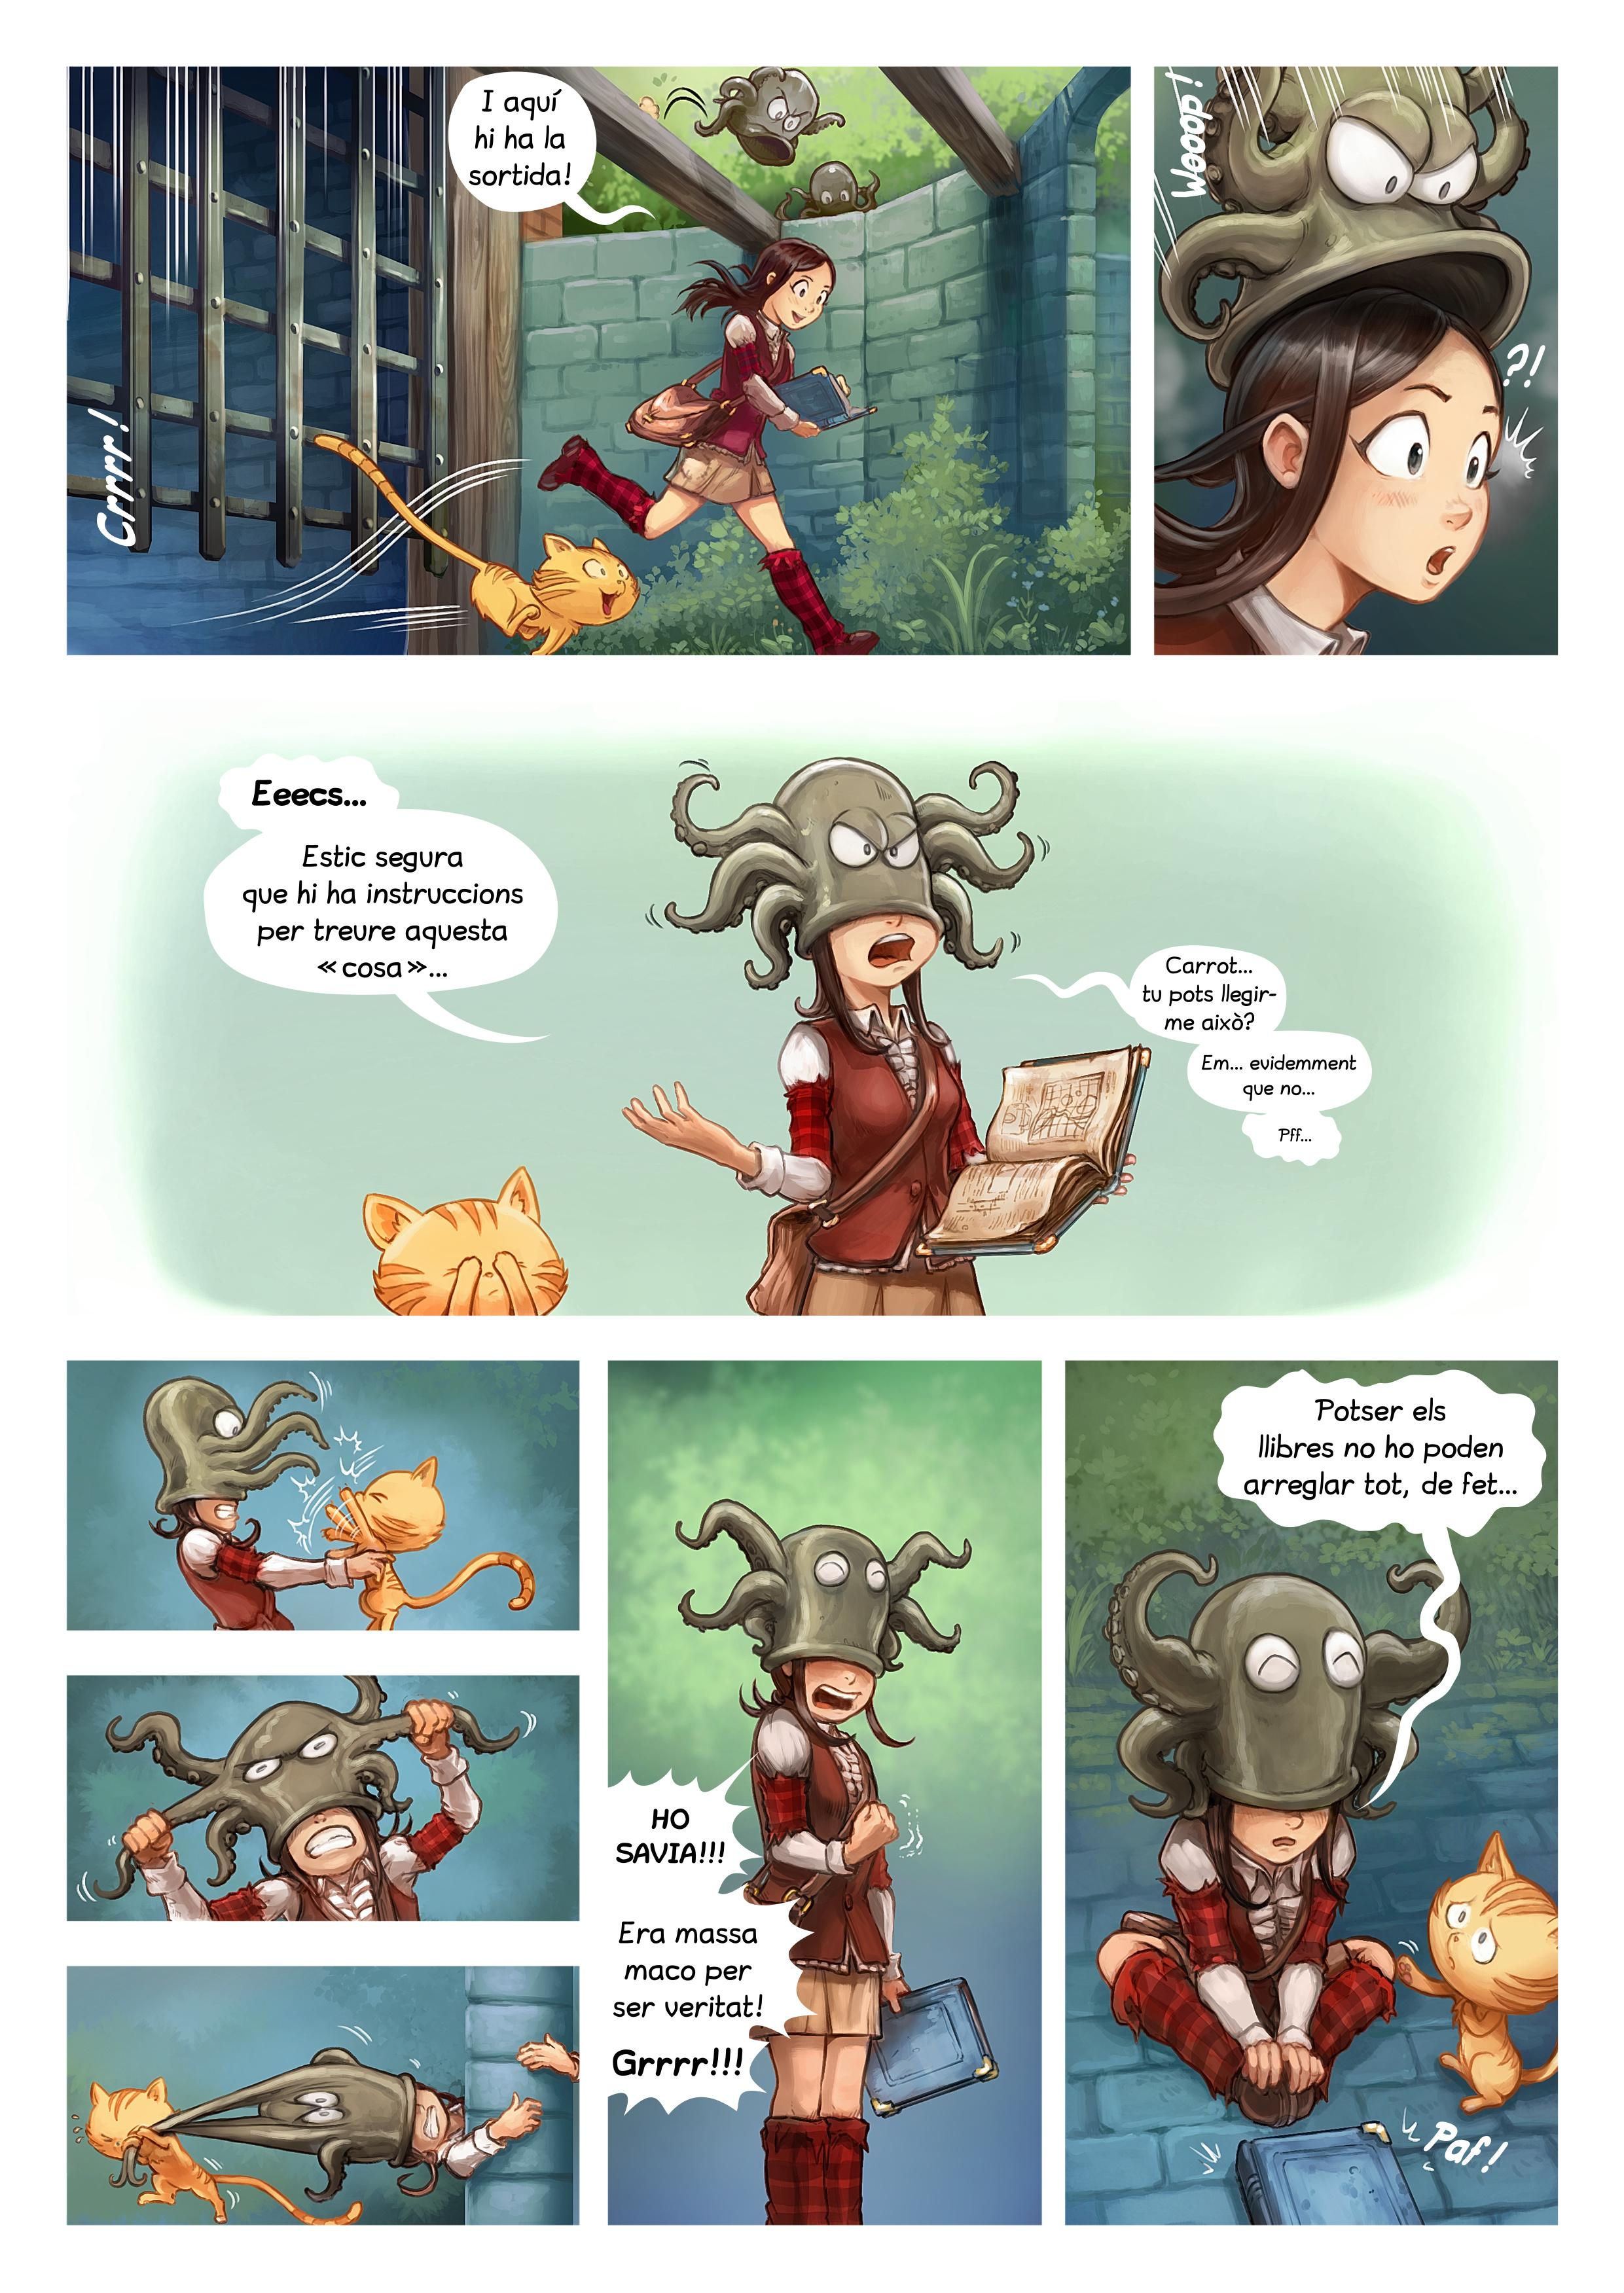 Episodi 26 : Els llibres són genials, Page 5